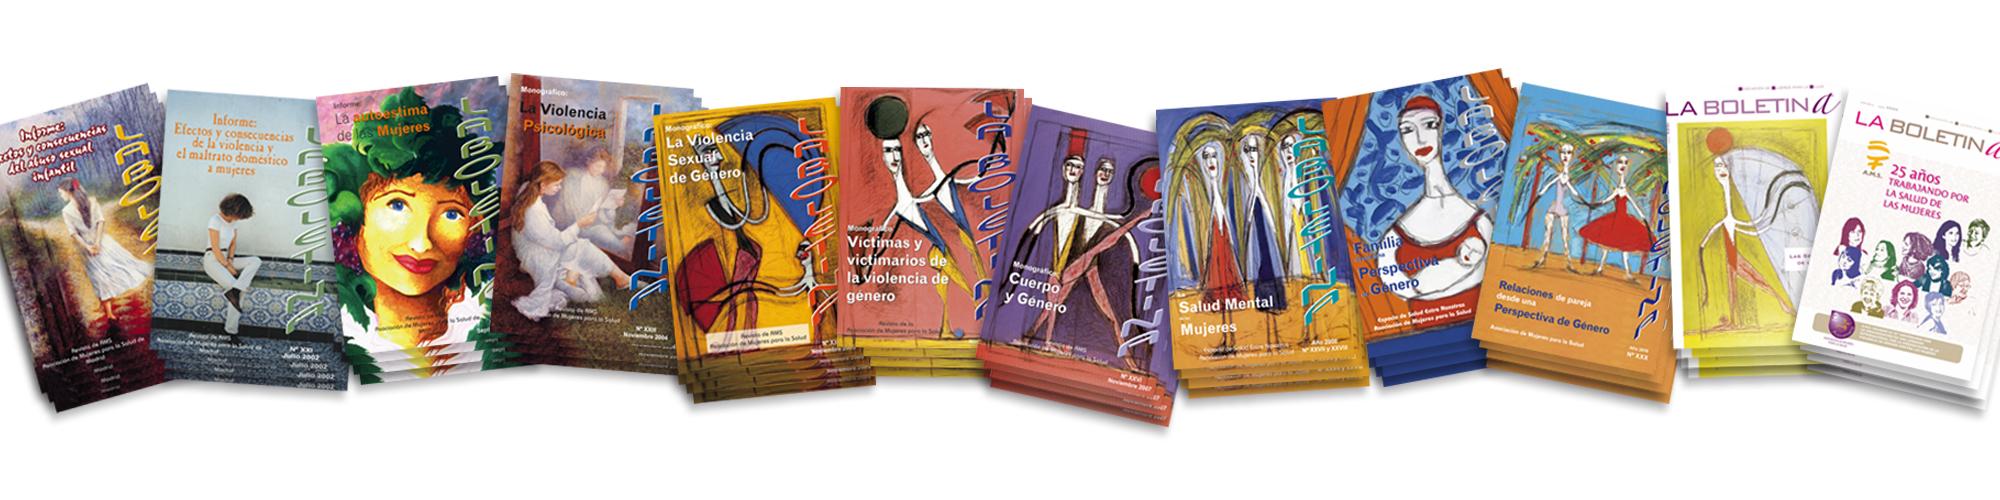 """Revista anual de AMS, """"La Boletina"""", una de nuestras publicaciones"""